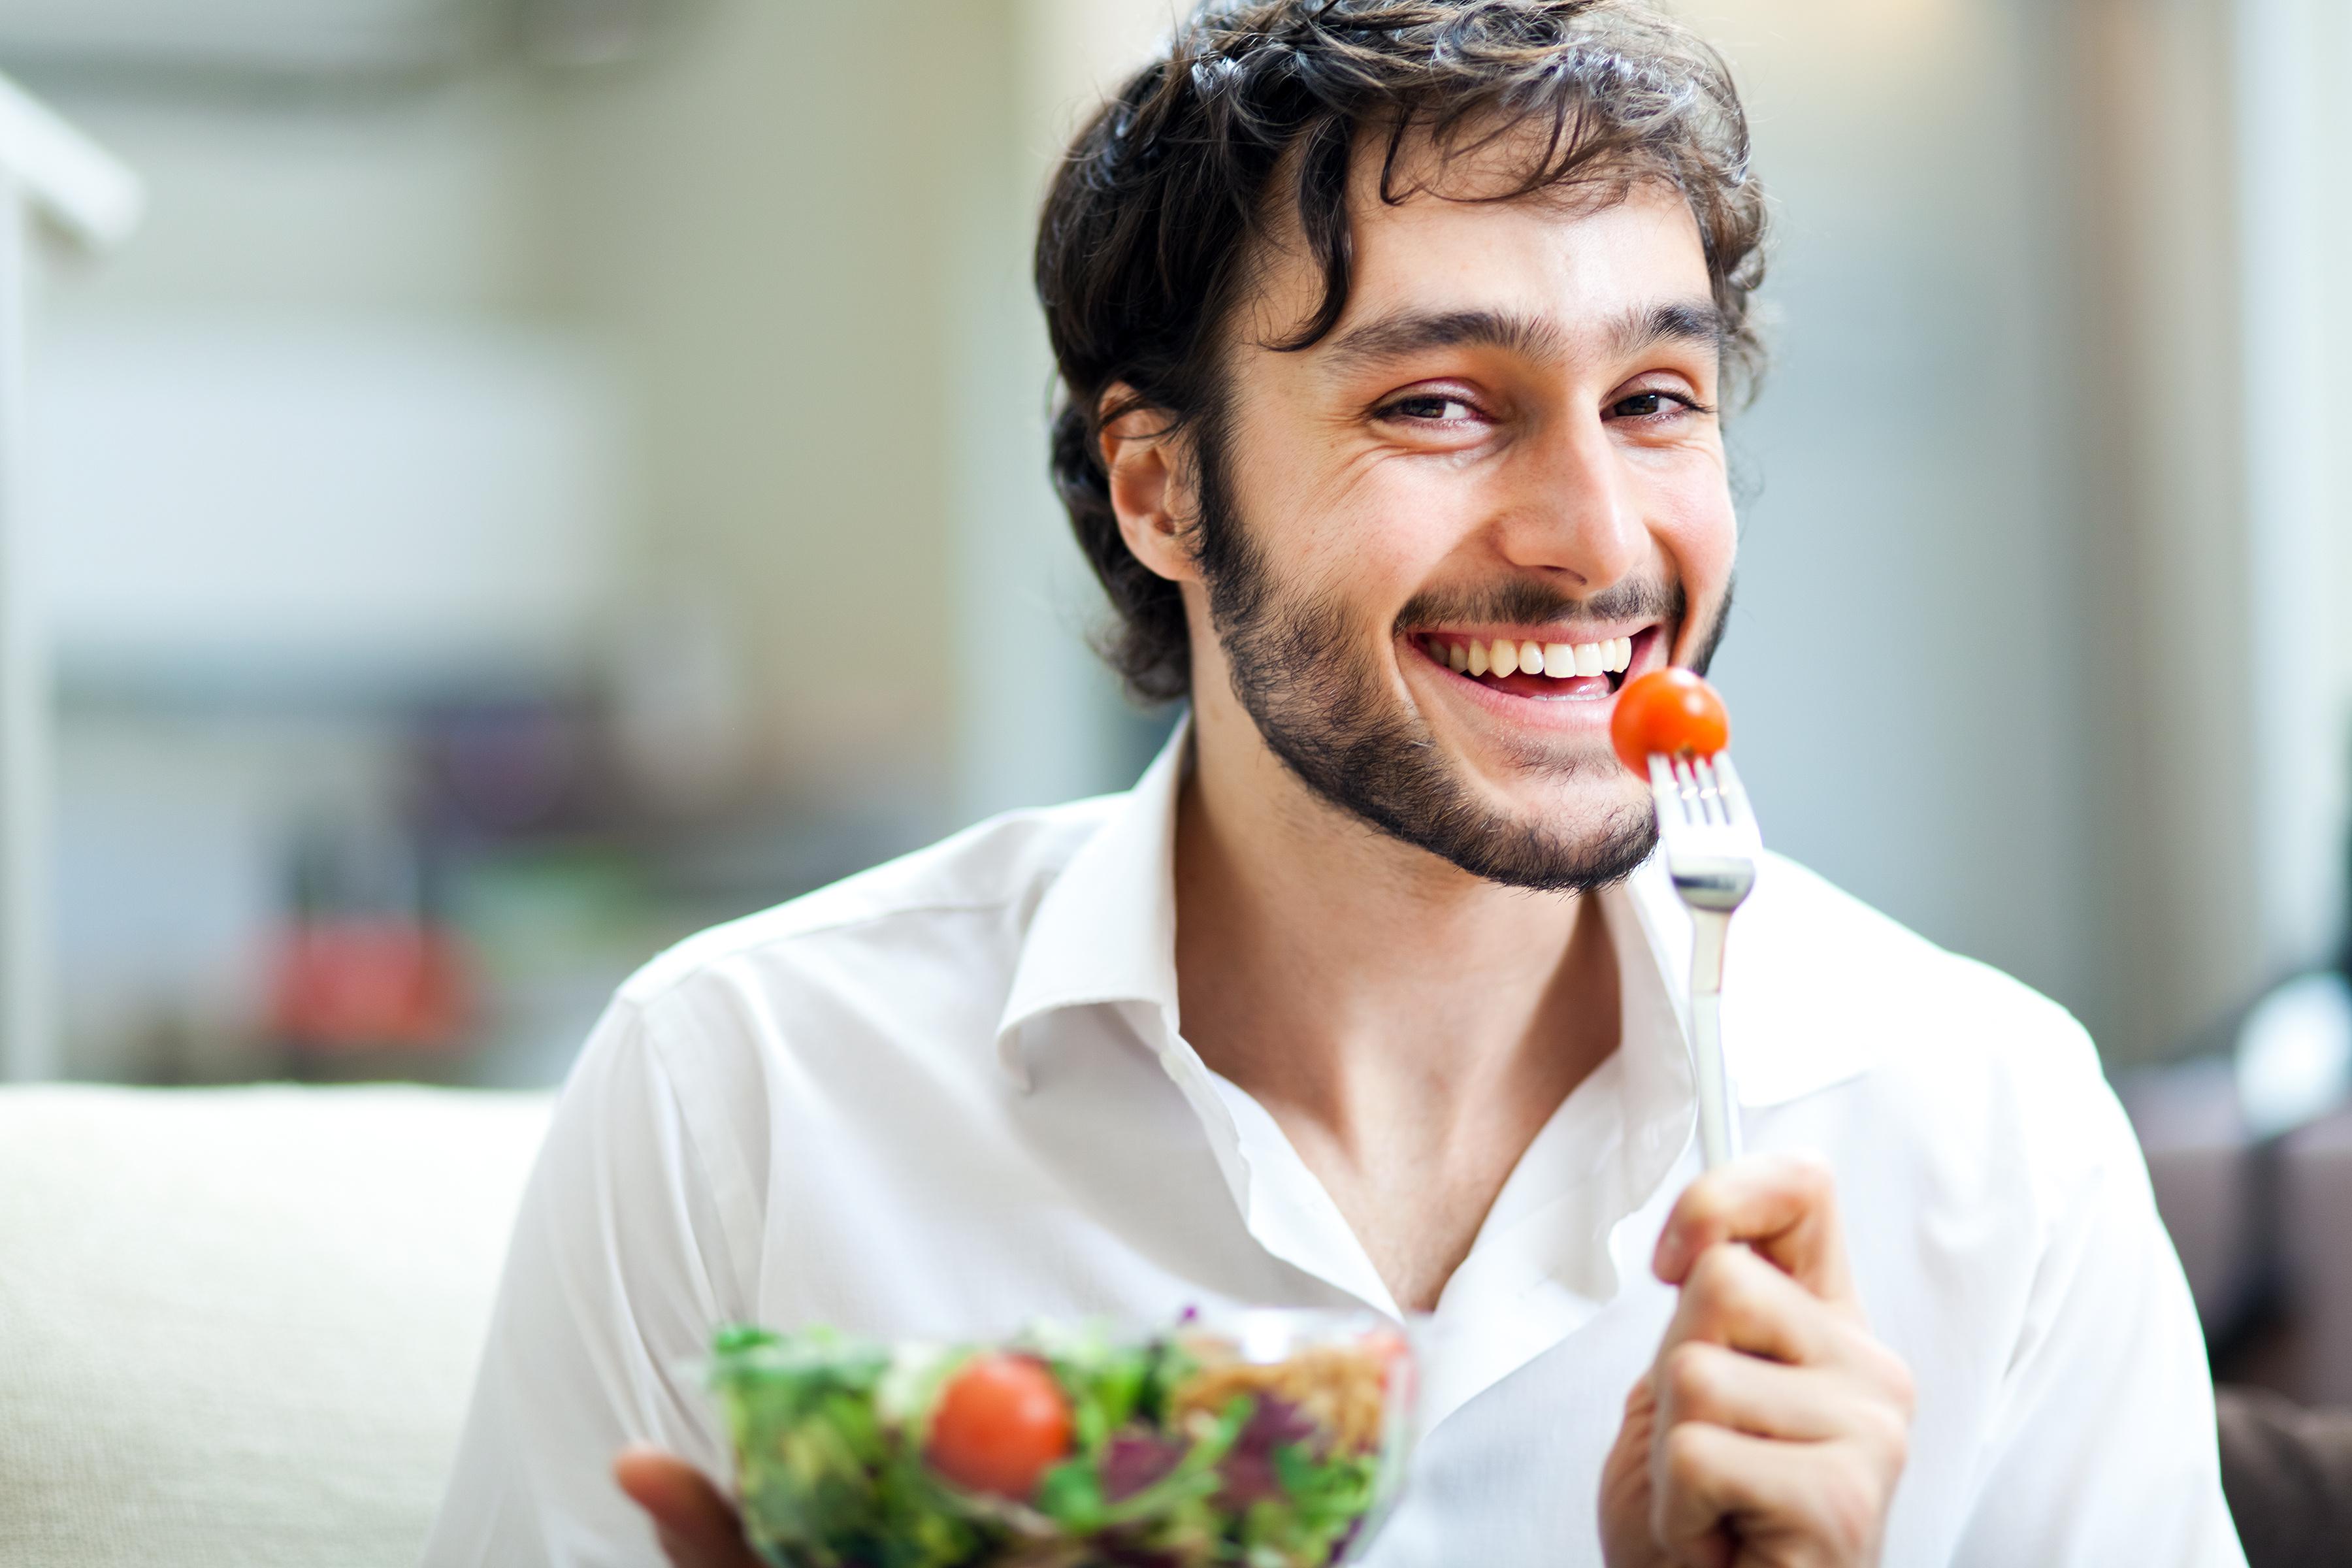 نتيجة بحث الصور عن Man-eating healthy